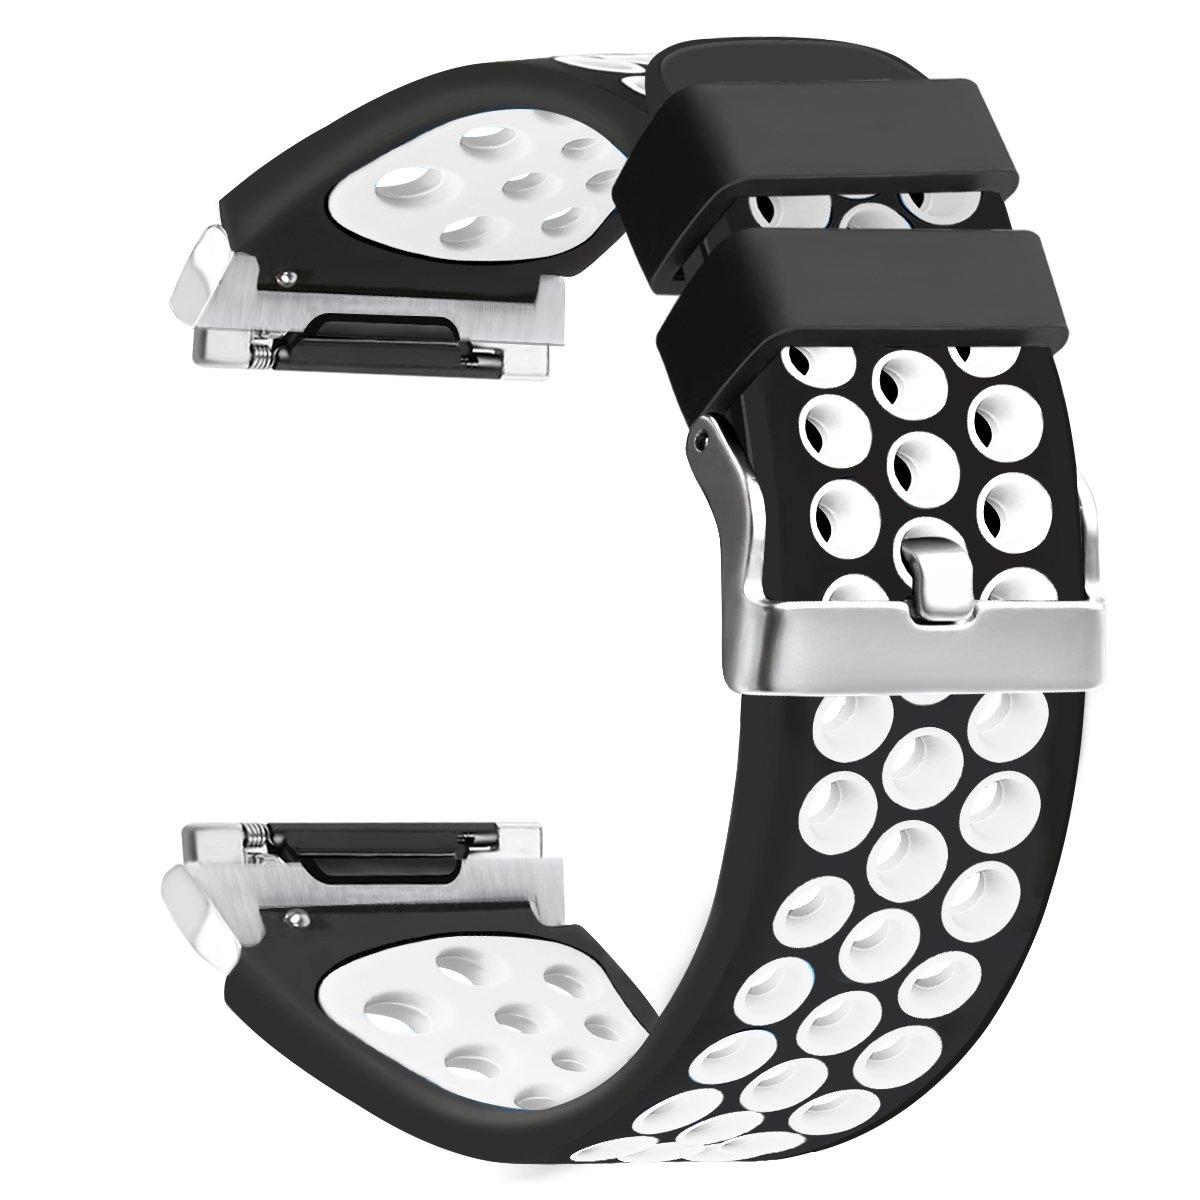 For Fitbit Ionicスポーツバンド、Nahai Perforated調整可能ソフトシリコン交換用ストラップfor Fitbit Ionic Smart Watch、Large、スモール ブラック/ホワイト ブラック/ホワイト B076DQCSXL